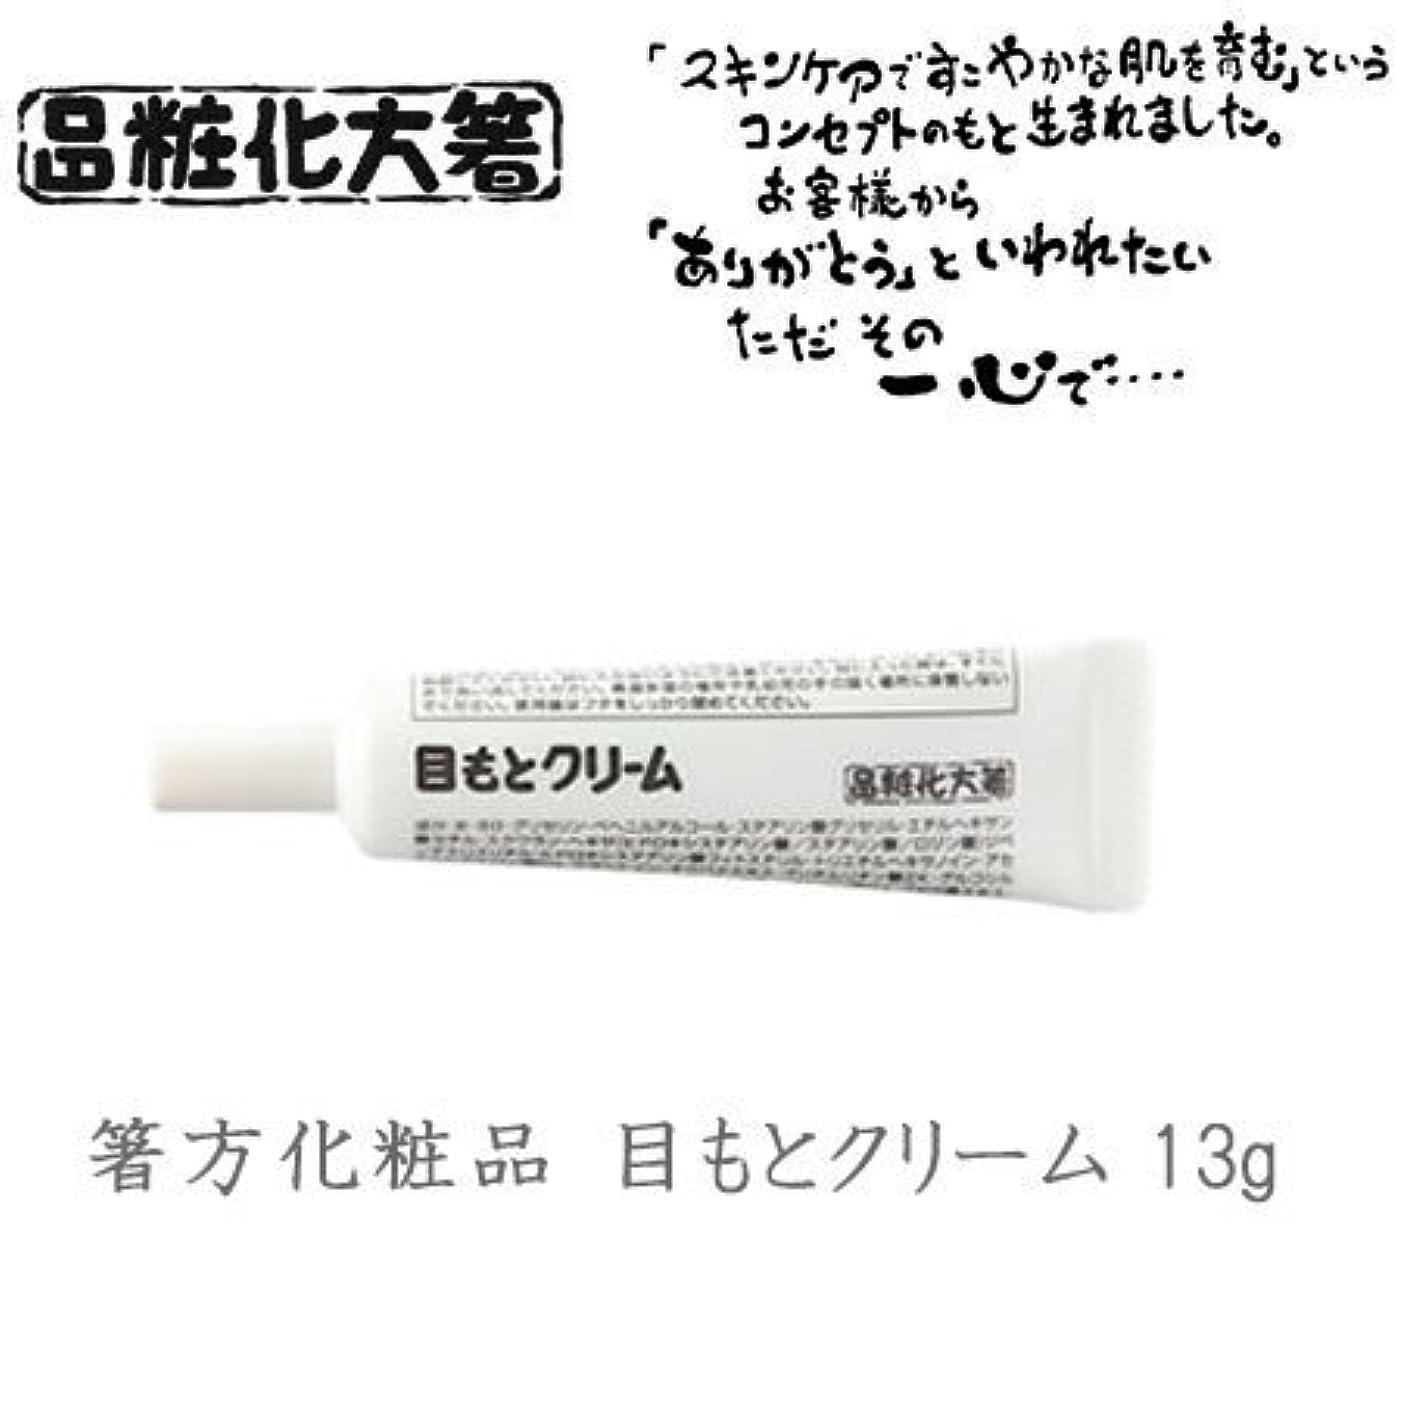 ツールストローク受益者箸方化粧品 目もとクリーム 13g はしかた化粧品